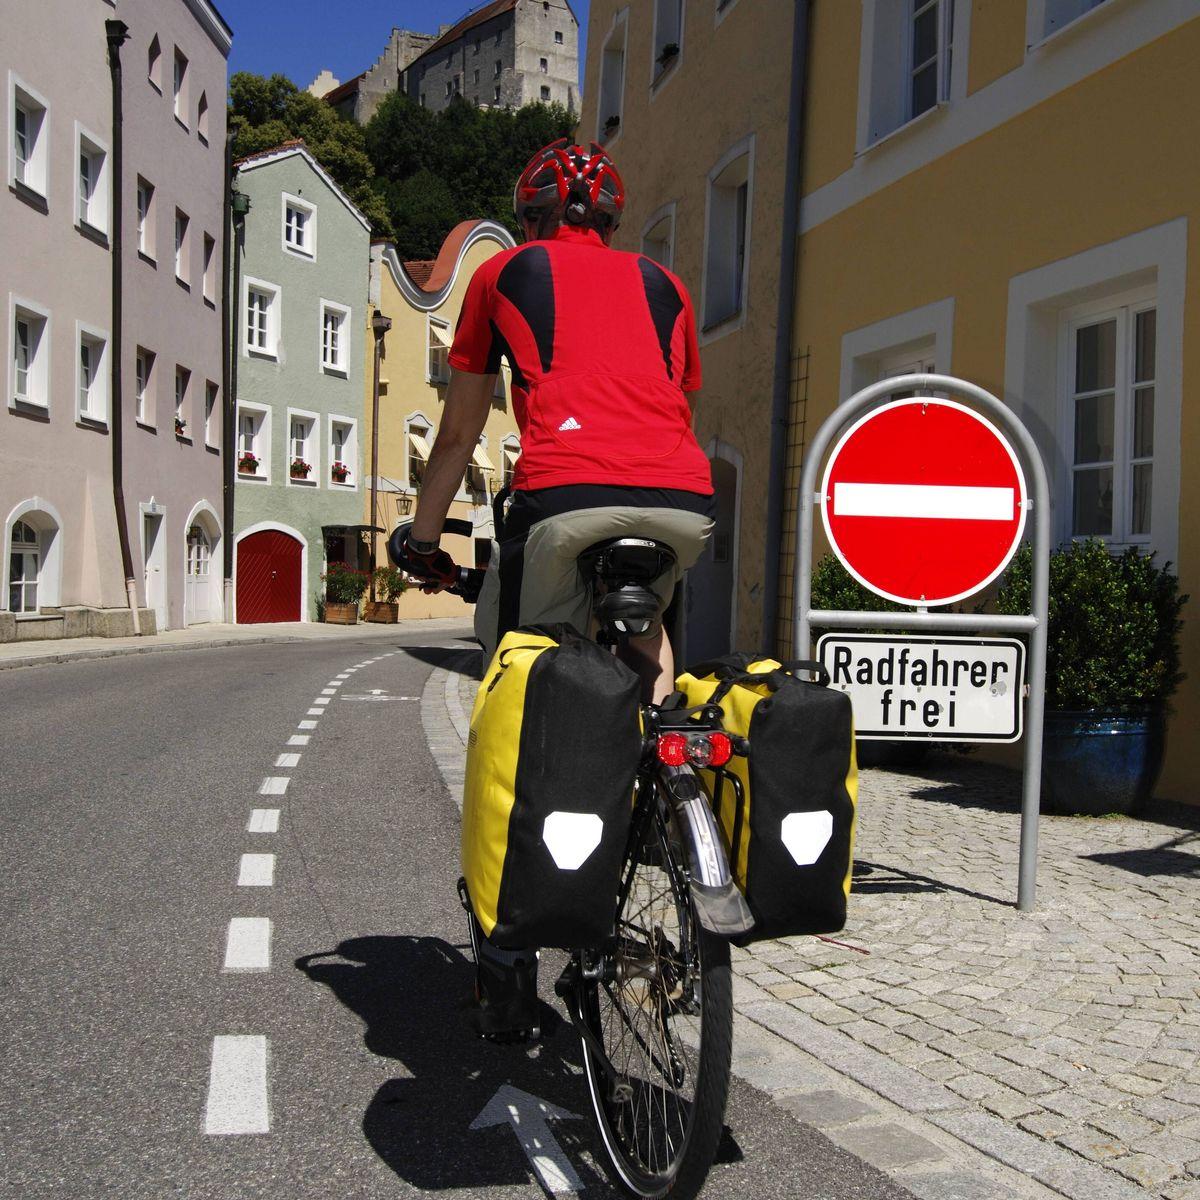 Schnellcheck: Was bringen Scheuers neue Verkehrsregeln fürs Fahrrad?